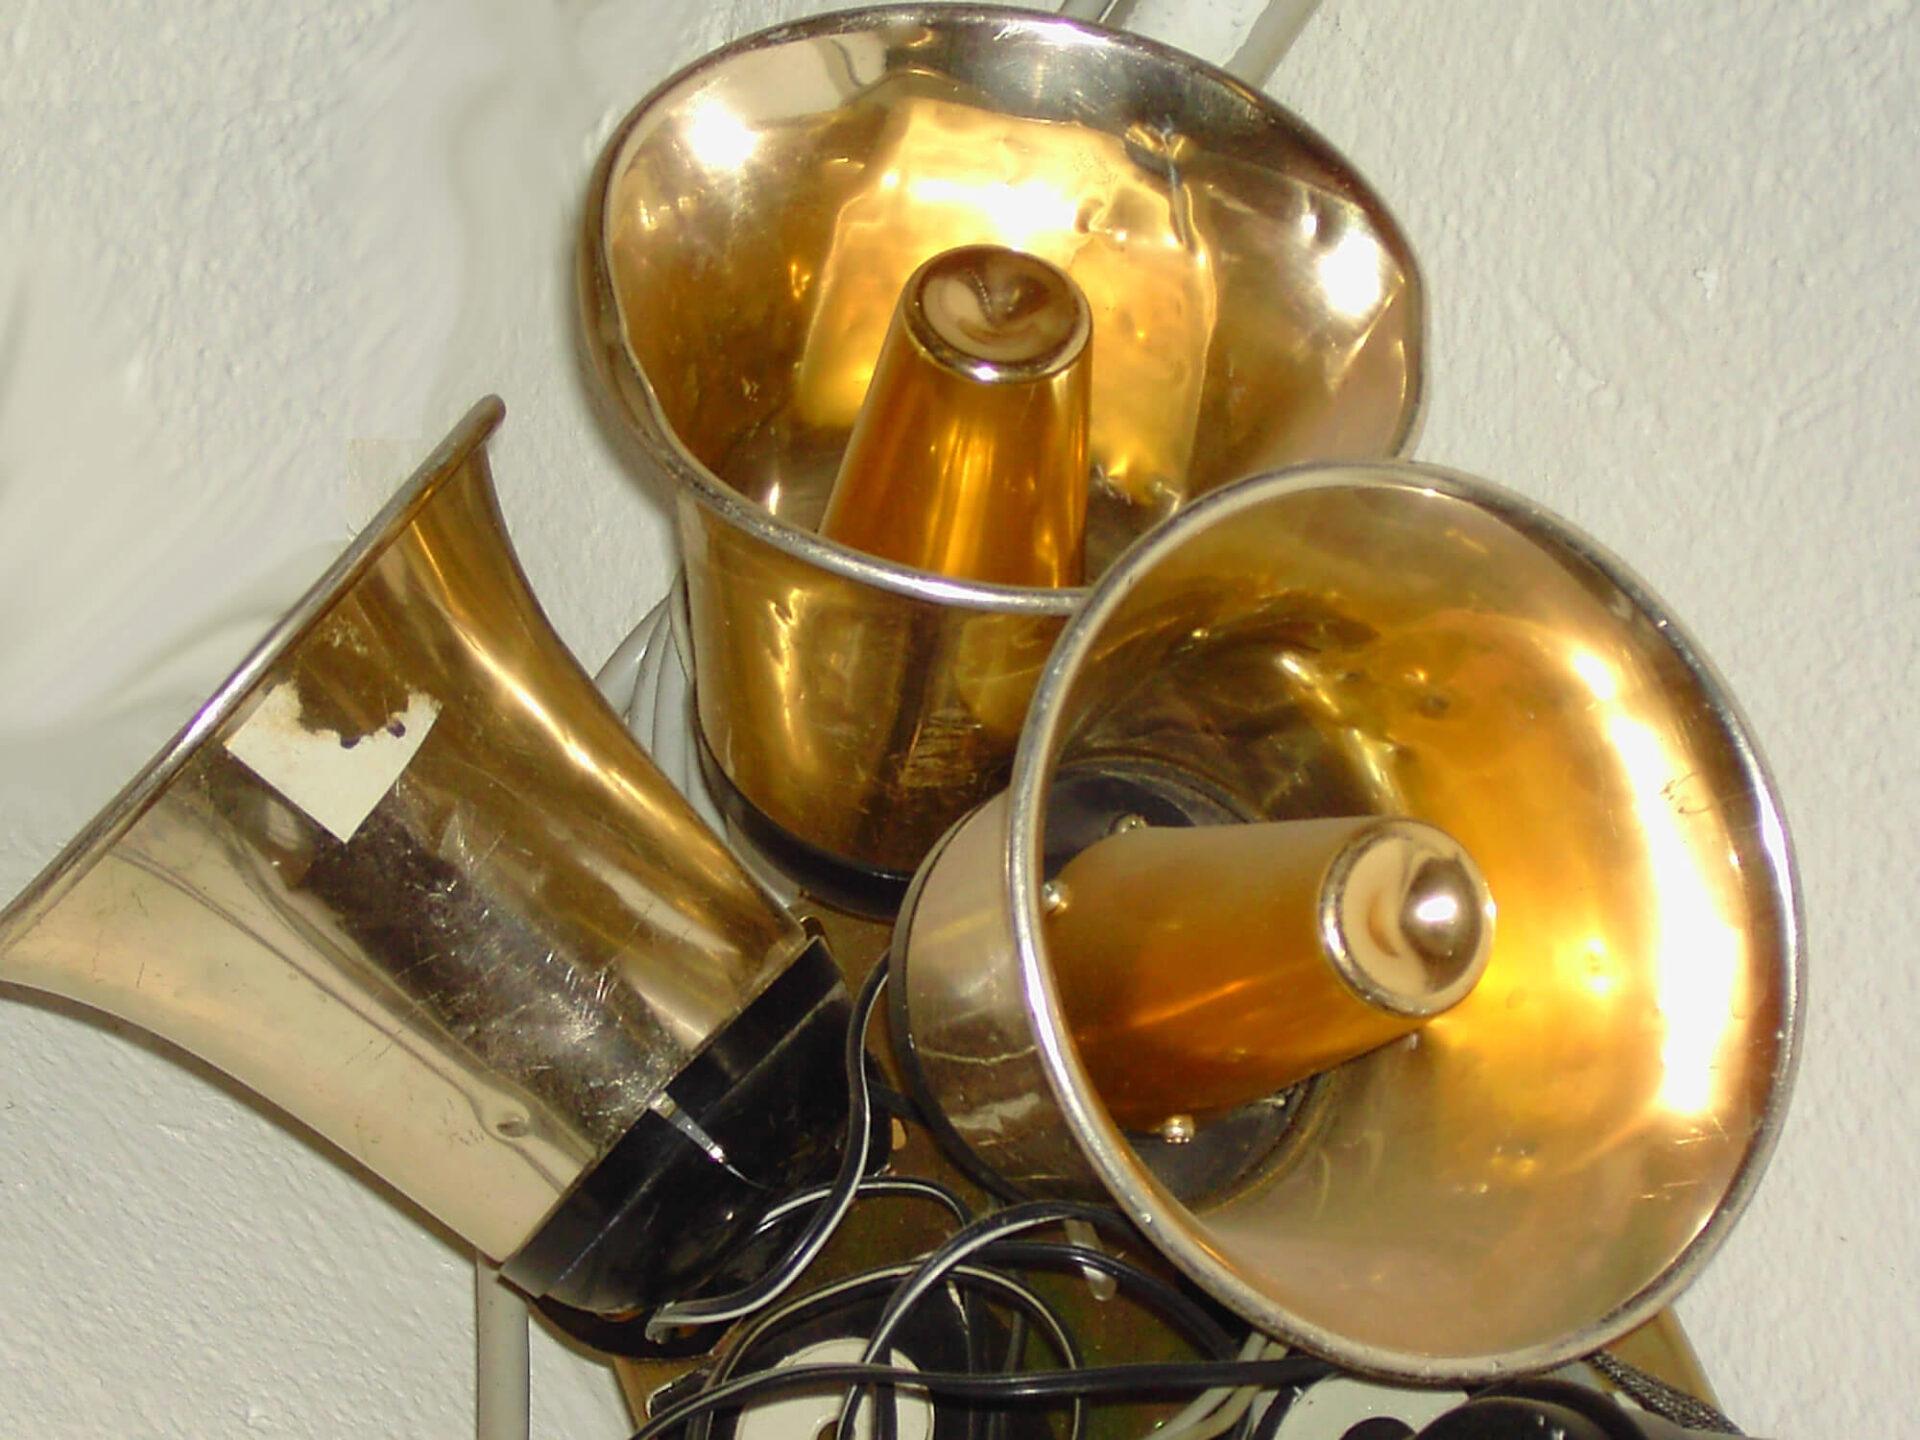 Photographie 3 pavillons de haut-parleurs- sirènes dorés